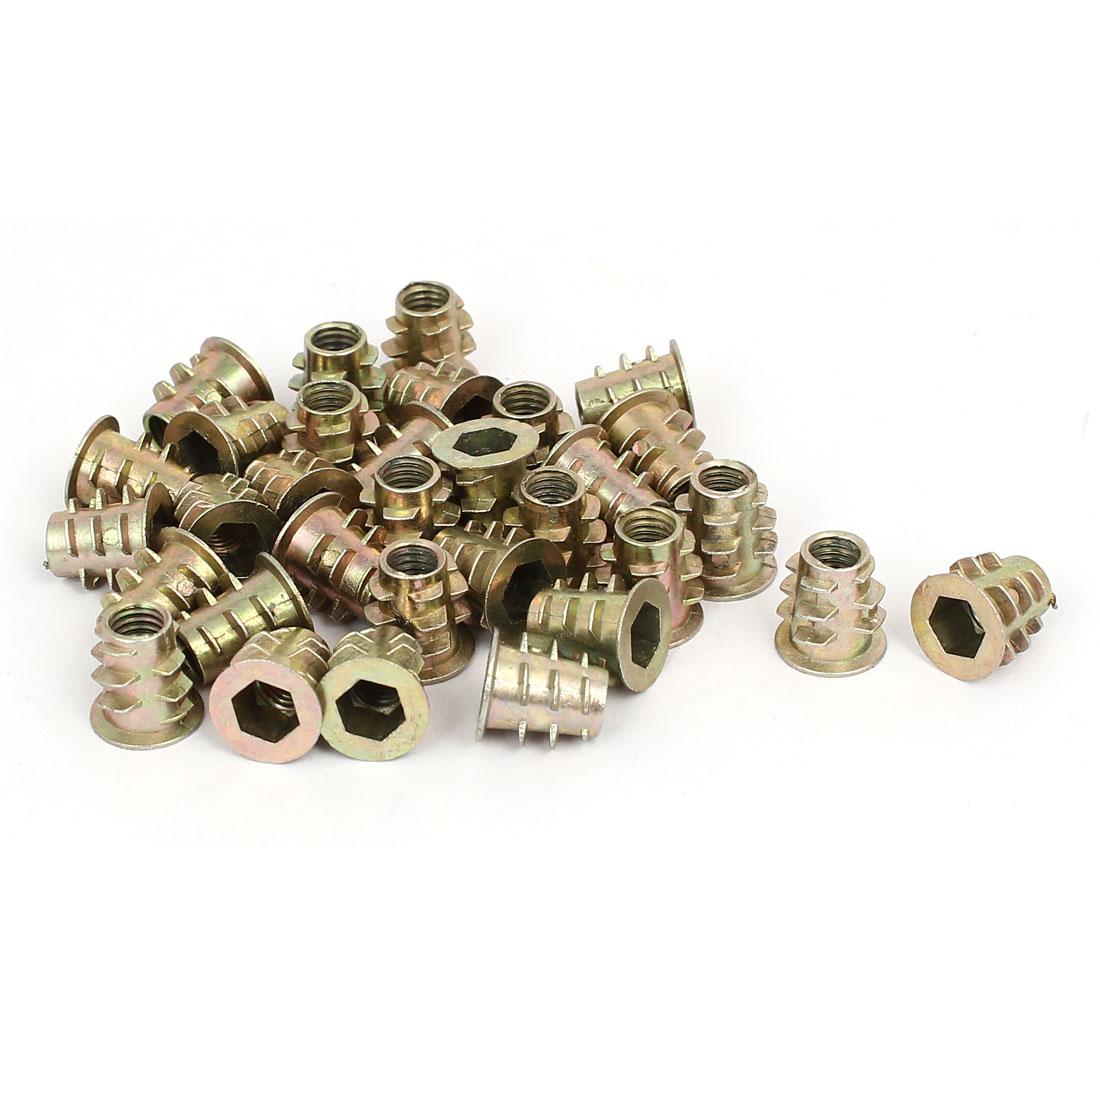 M5 x 10mm Hex Socket Head Insert Screws E-Nuts Furniture Fittings 30pcs